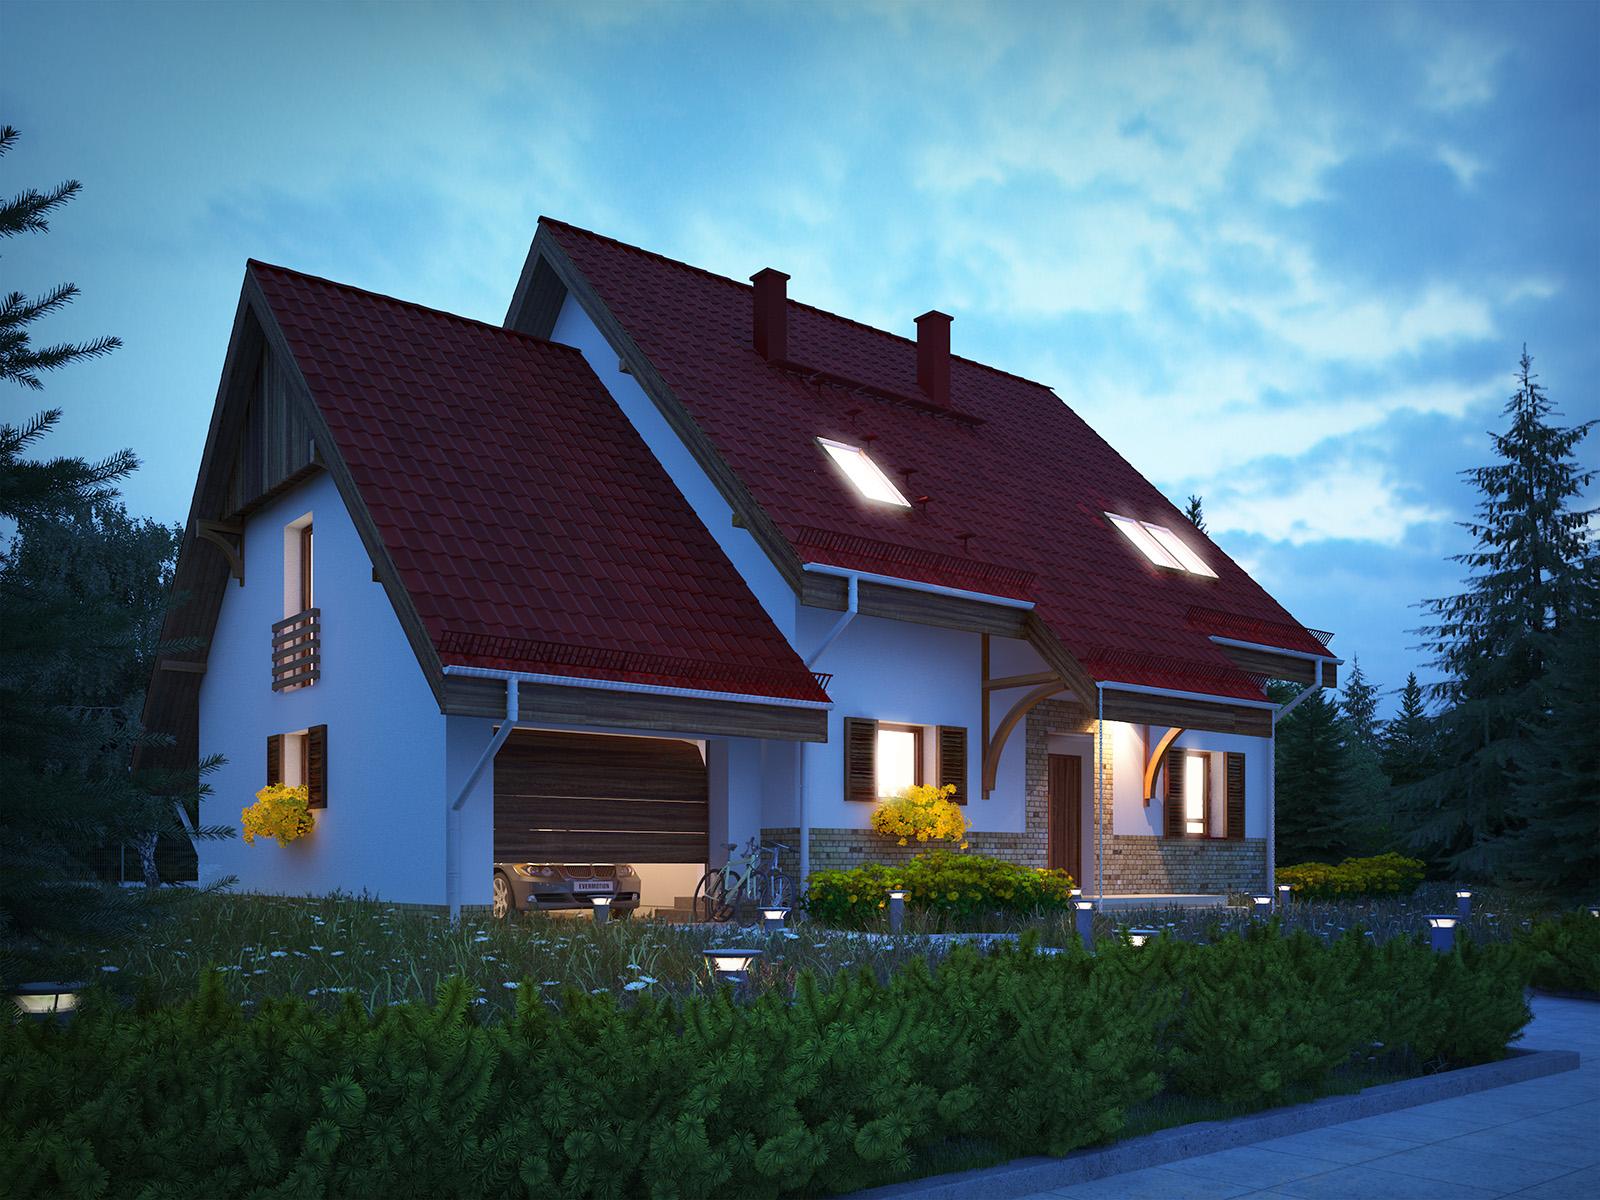 Projekt domu SPOKOJNY Domy Czystej Energii widok od frontu